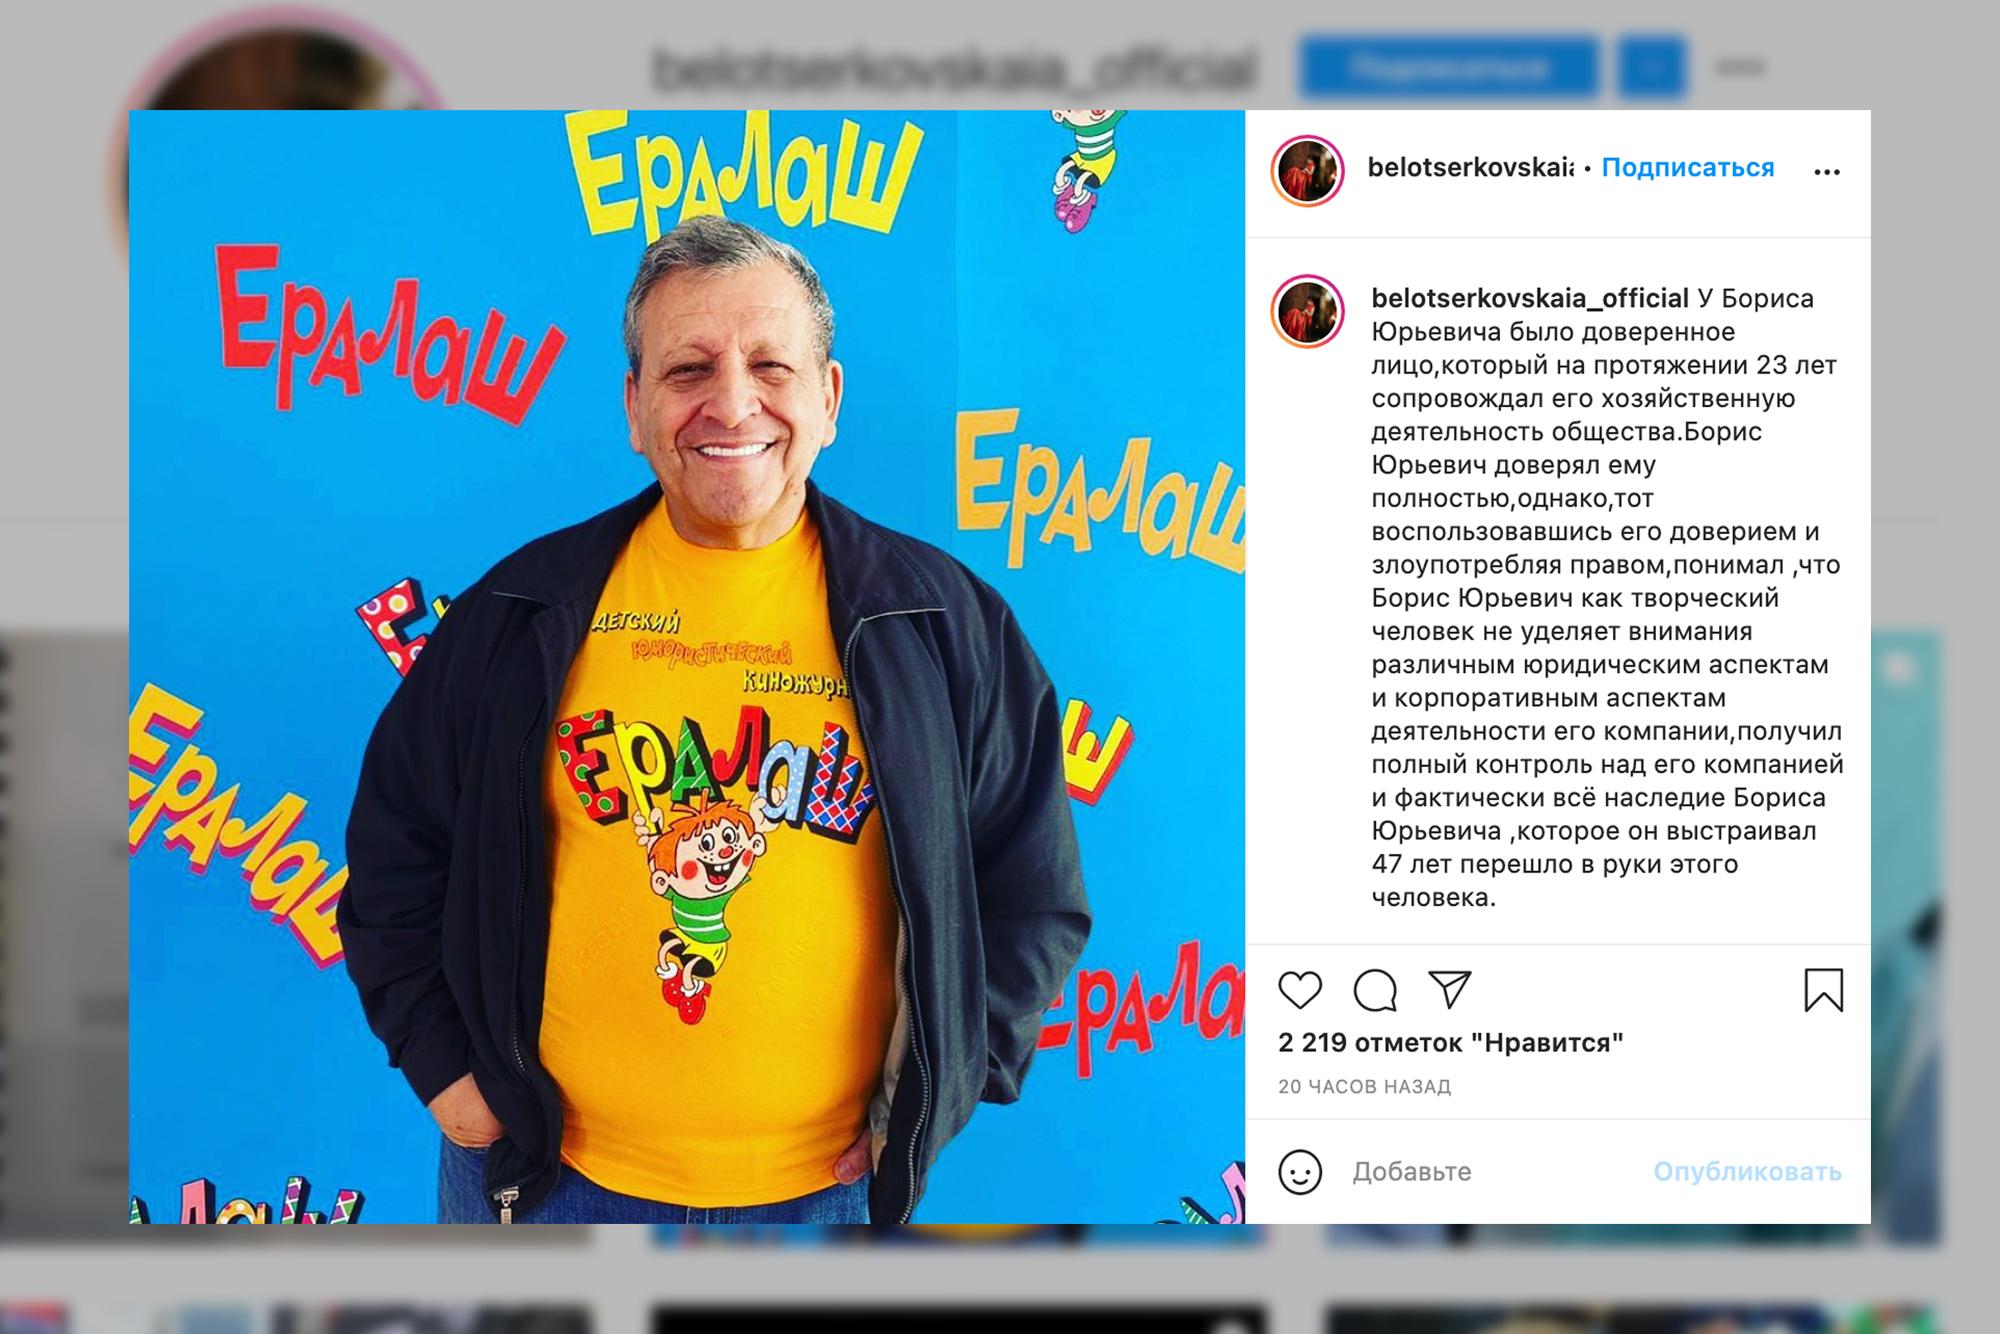 Скандальный пост вдовы Грачевского. Фото © Instagram / belotserkovskaia_official